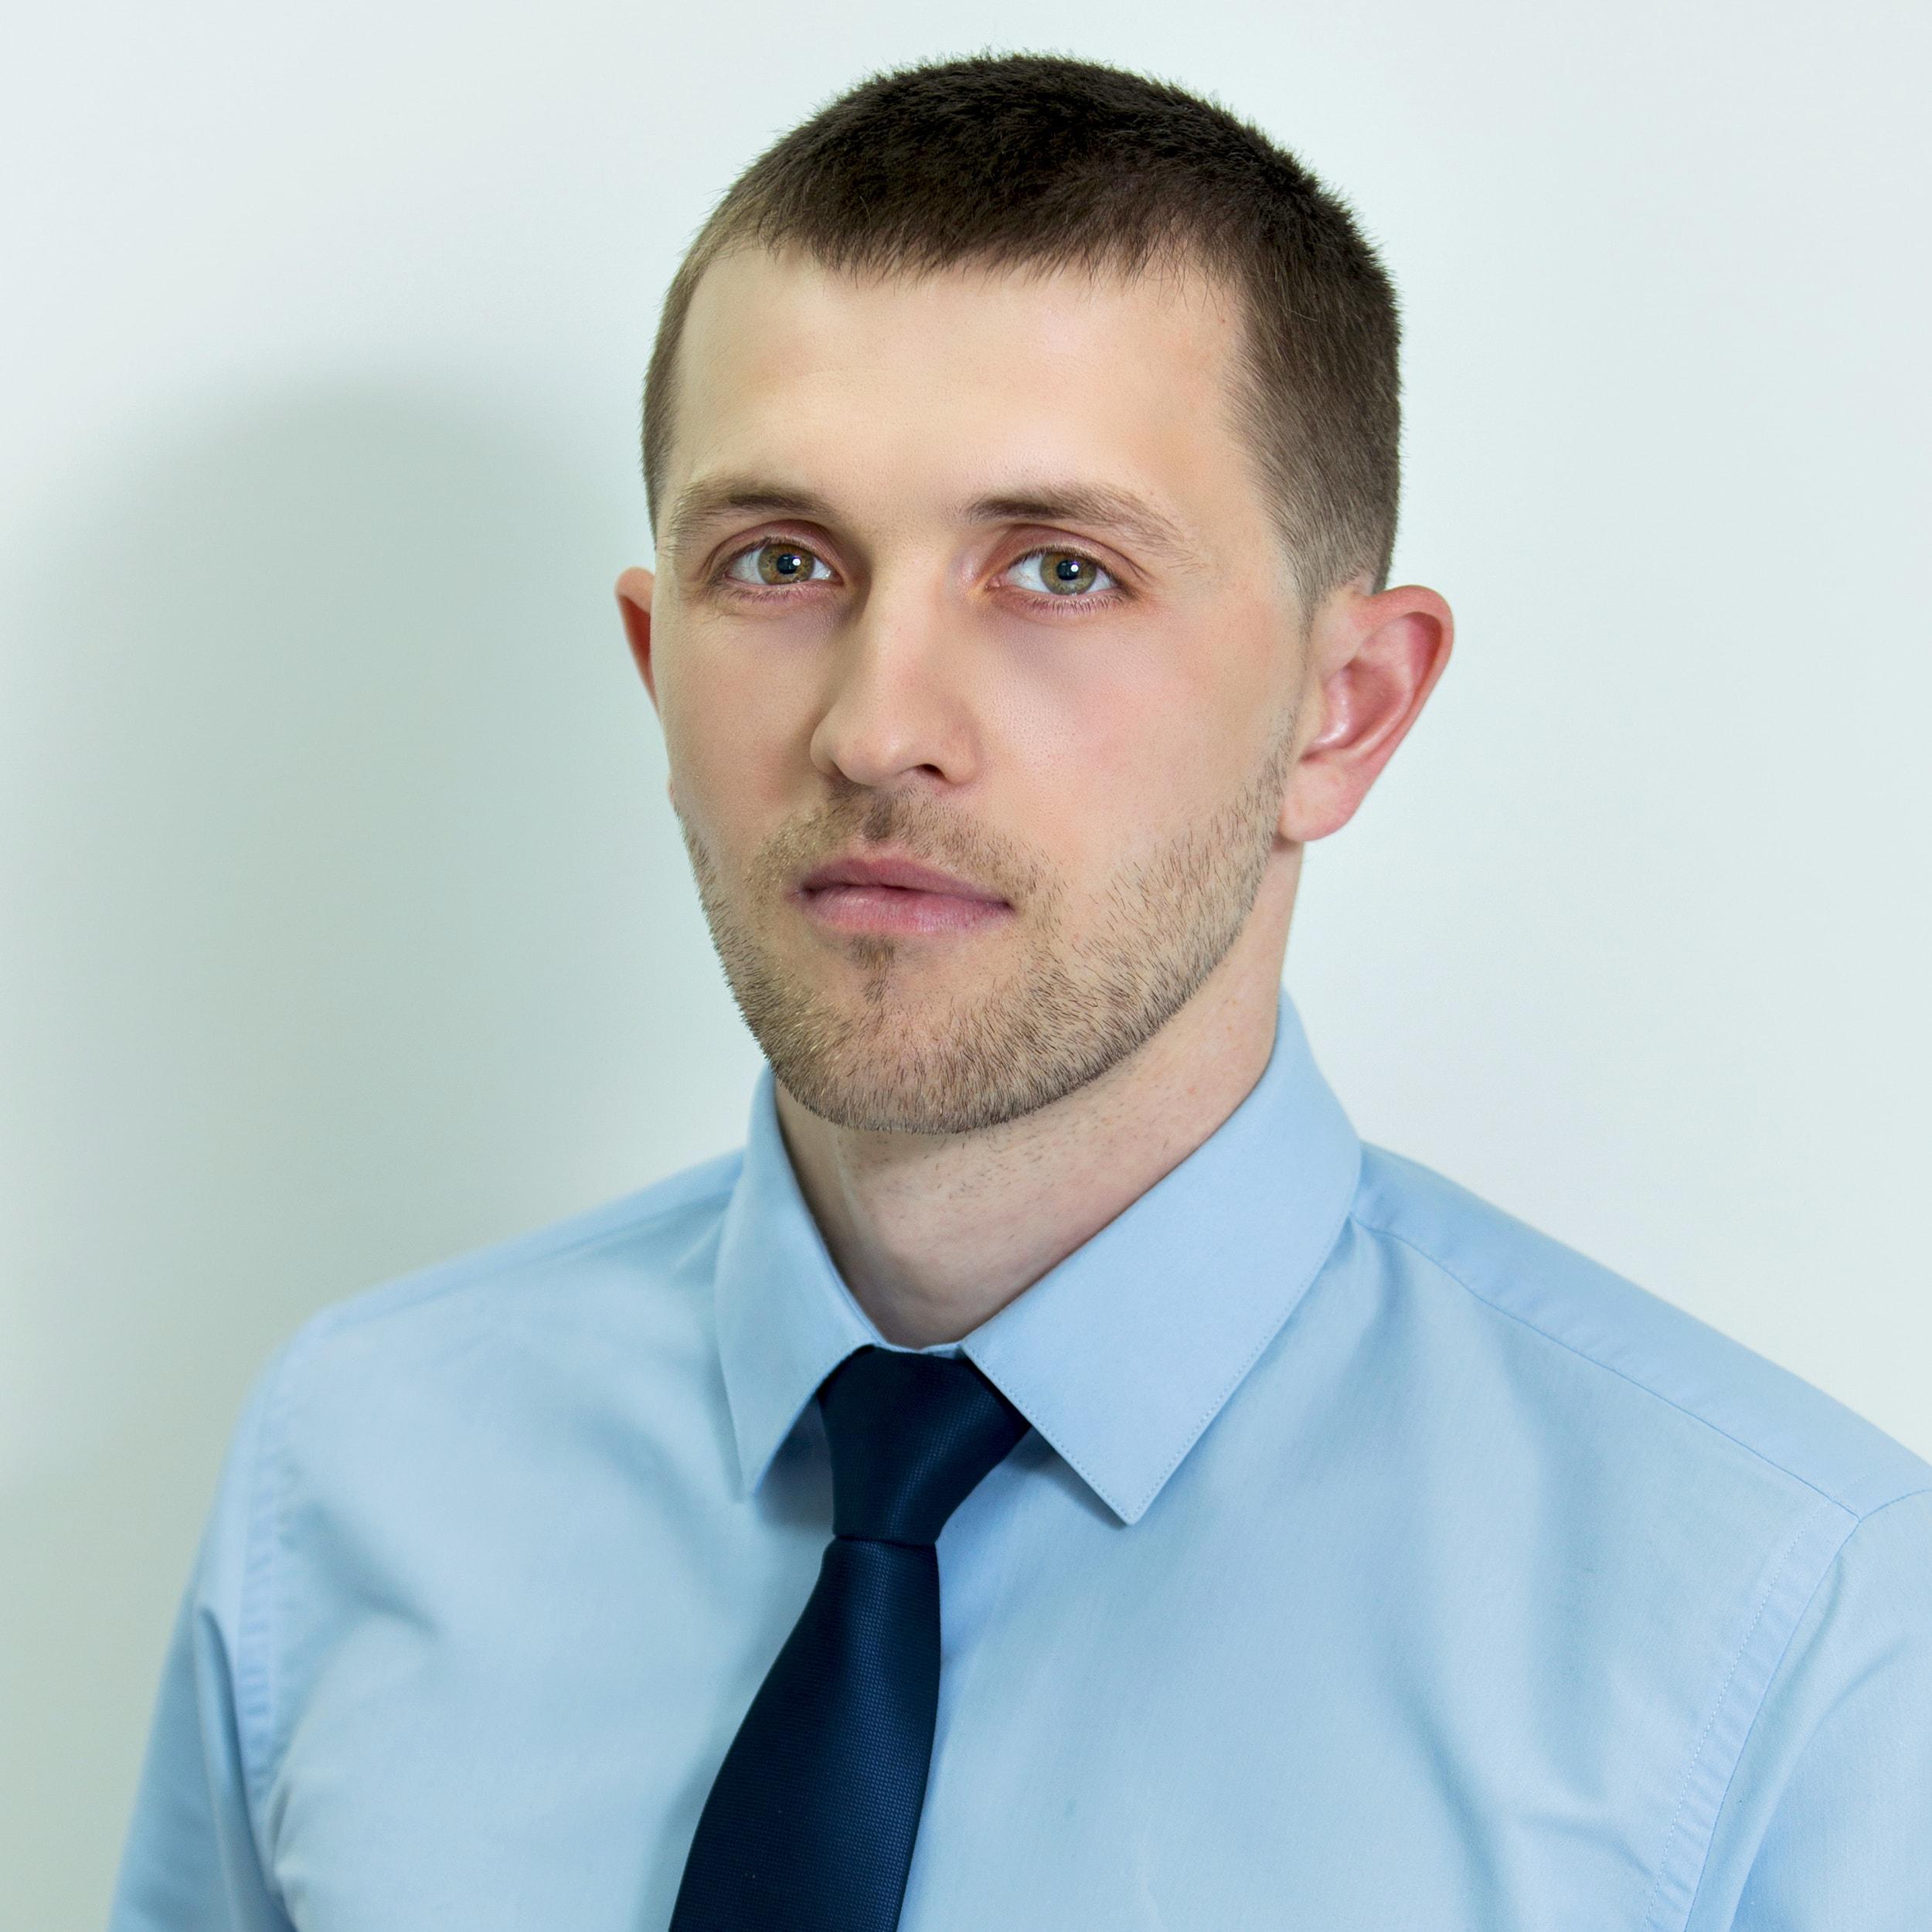 Шестаков Алексей